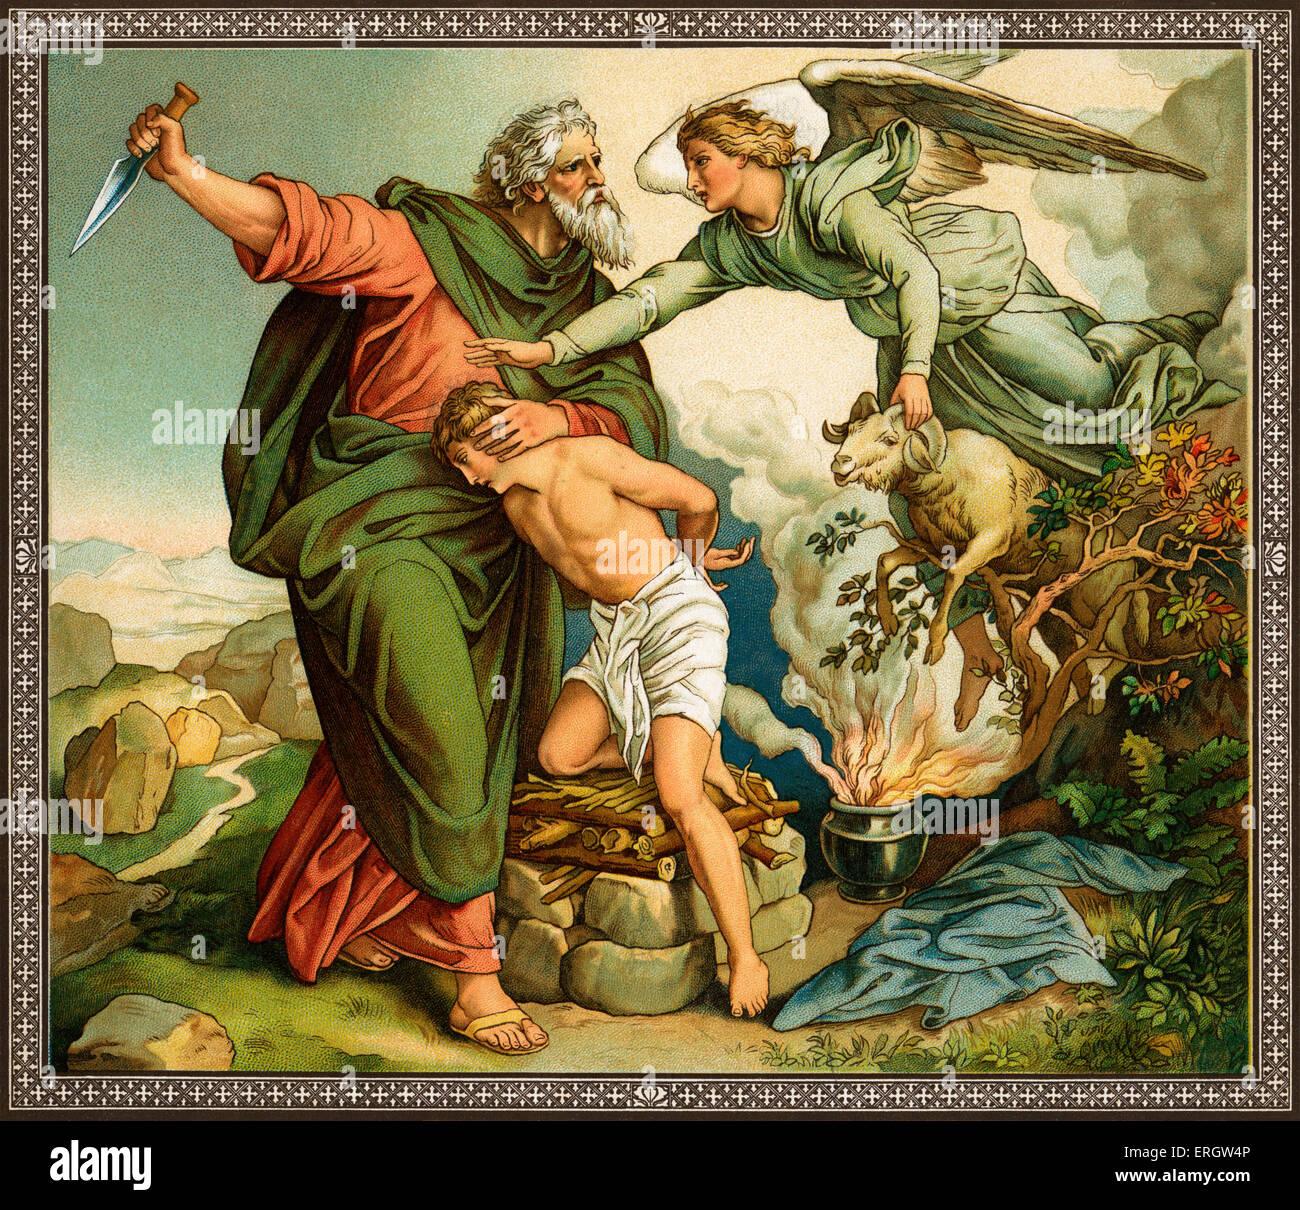 Abrahams Glaube an Gott ? er ist Gottes Gebot Abraham, Isaak zu opfern, anstatt eines Widders versucht zu erfüllen, Stockbild